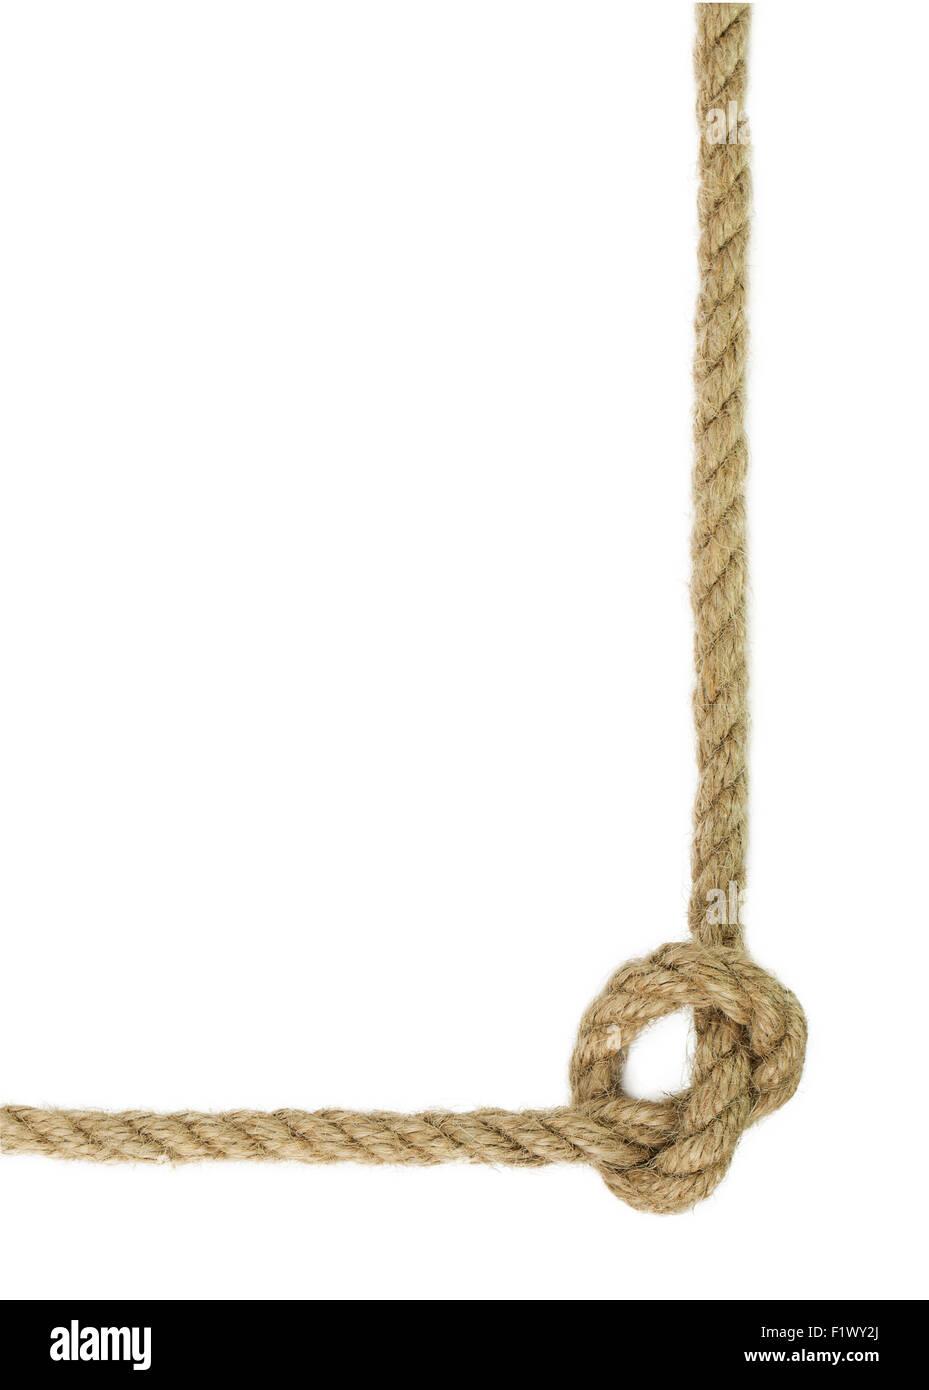 Nodo de cuerda aislado en el fondo blanco. Imagen De Stock